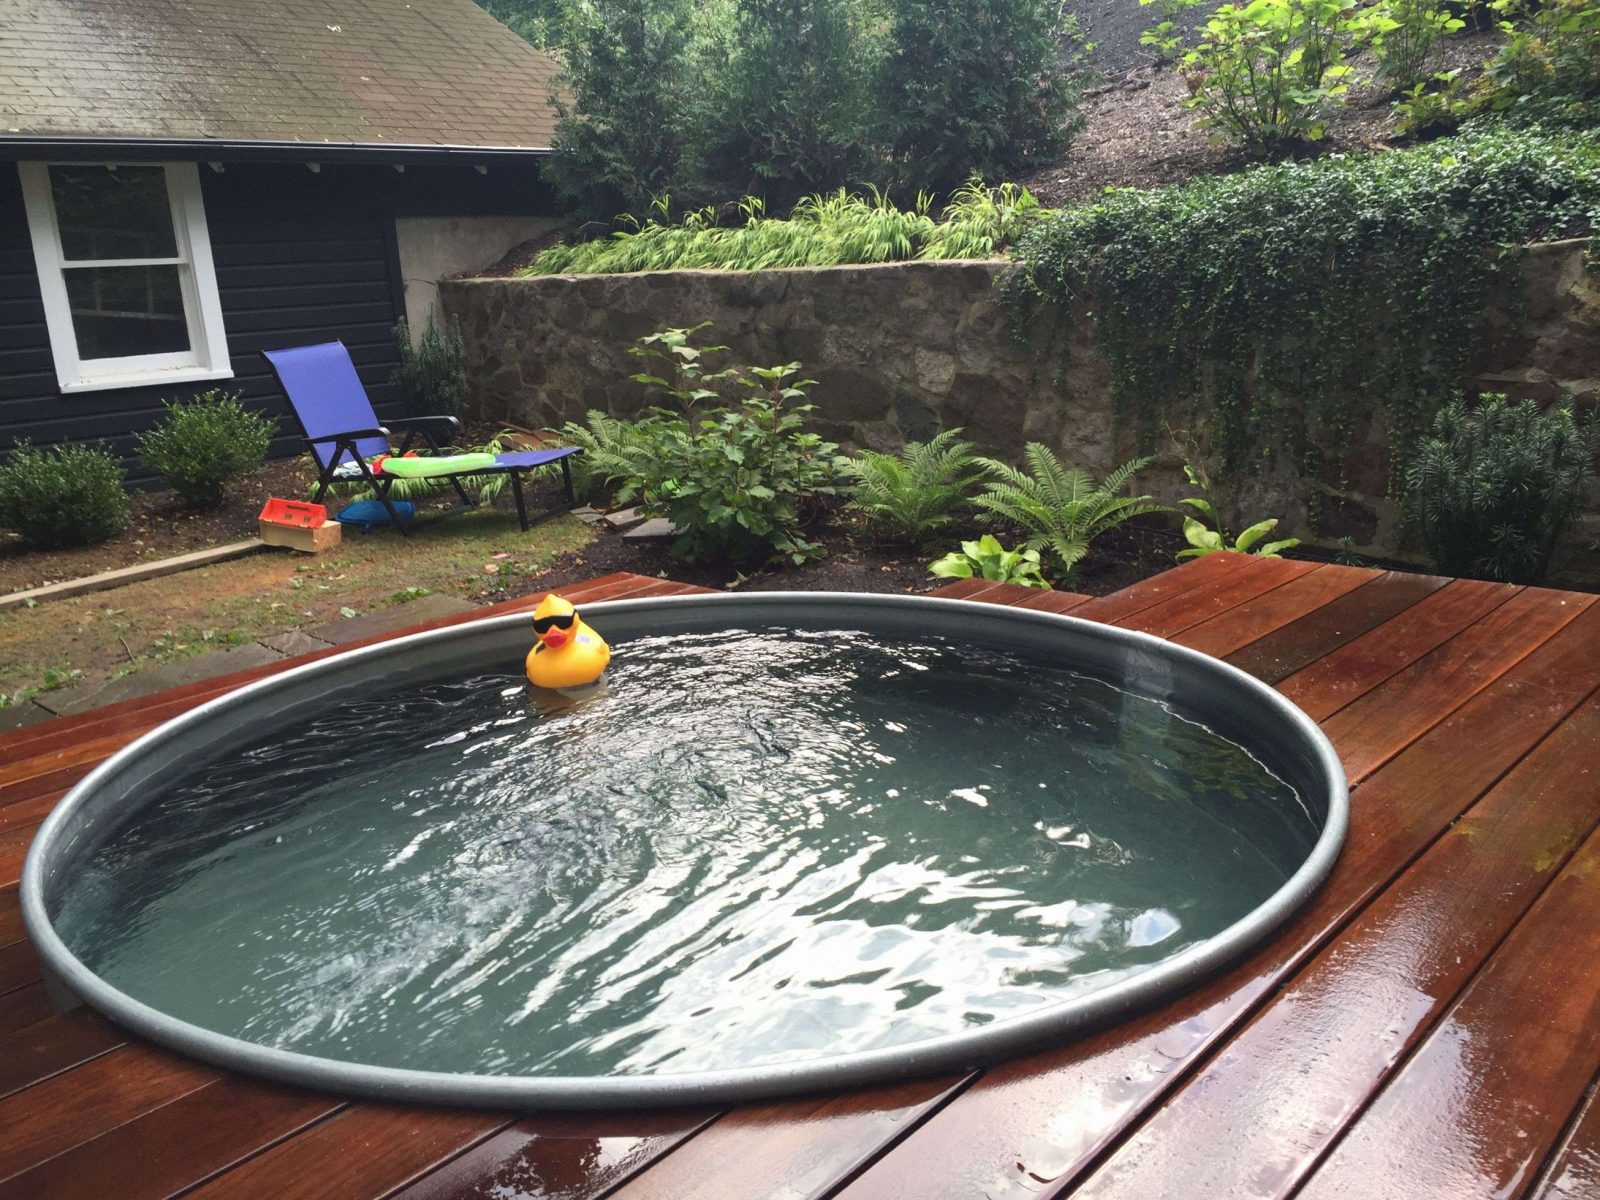 Kleinen Pool Selber Bauen Schön Garten Gestalten Einzigartig Kleiner von Kleiner Pool Im Garten Selber Bauen Photo